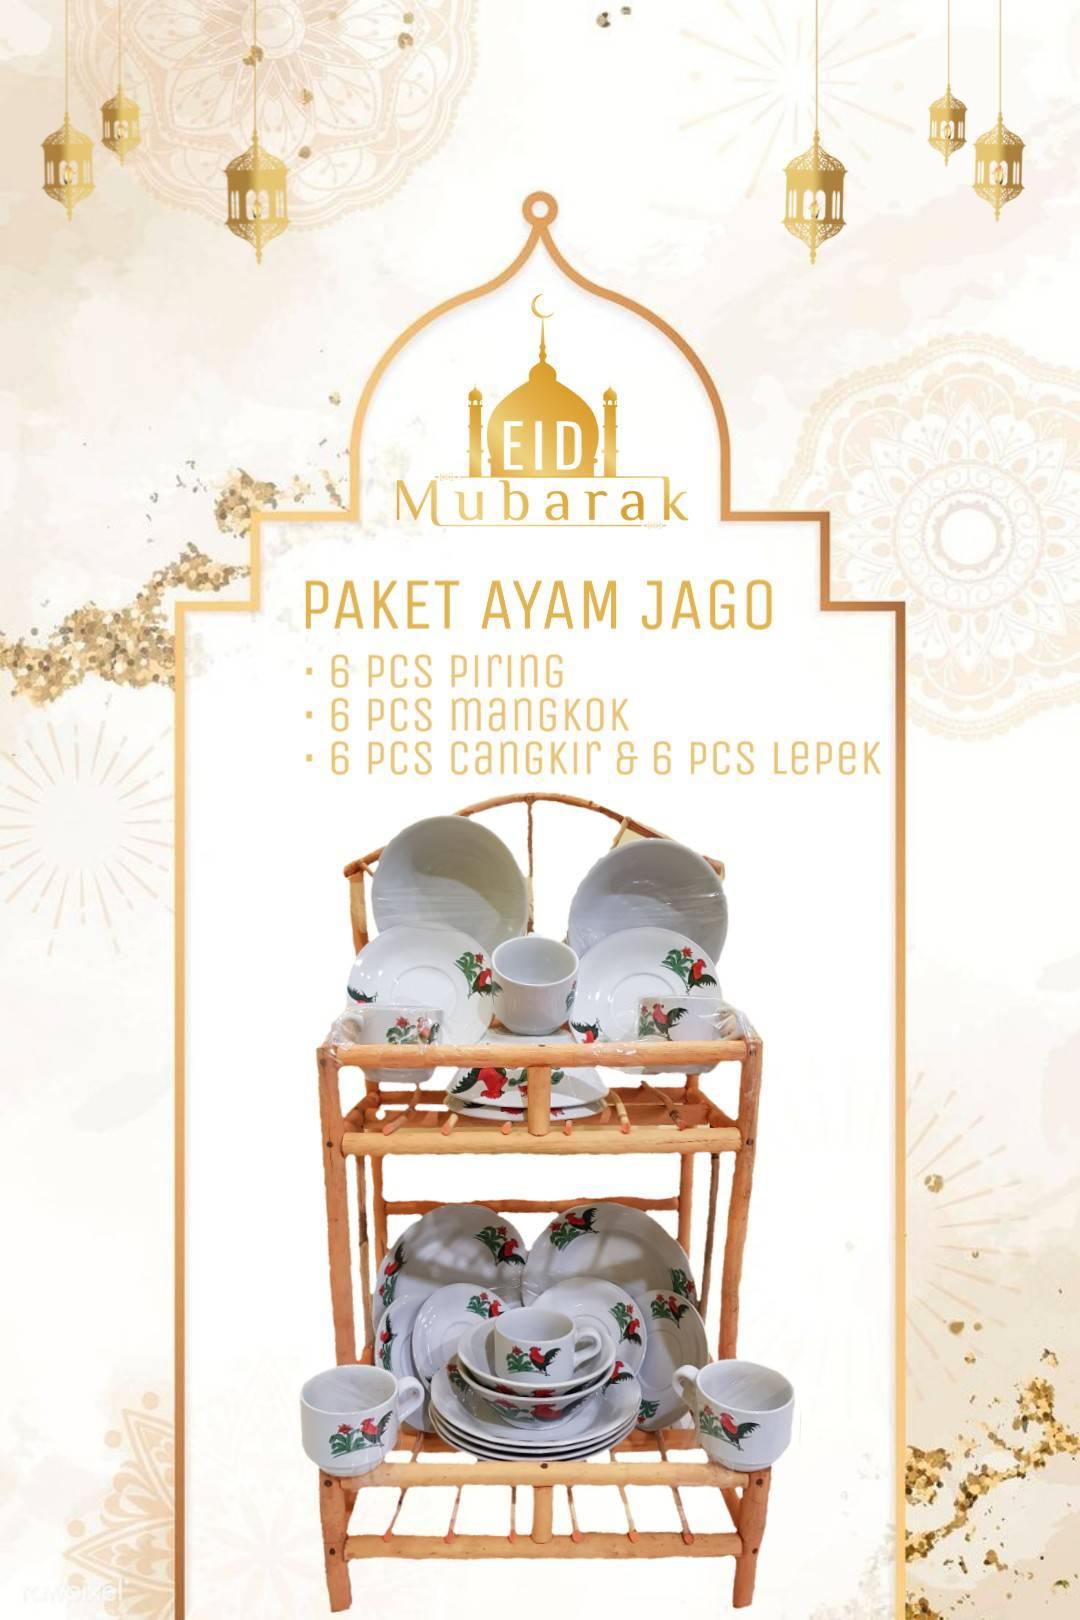 Parcel Ayam Jago